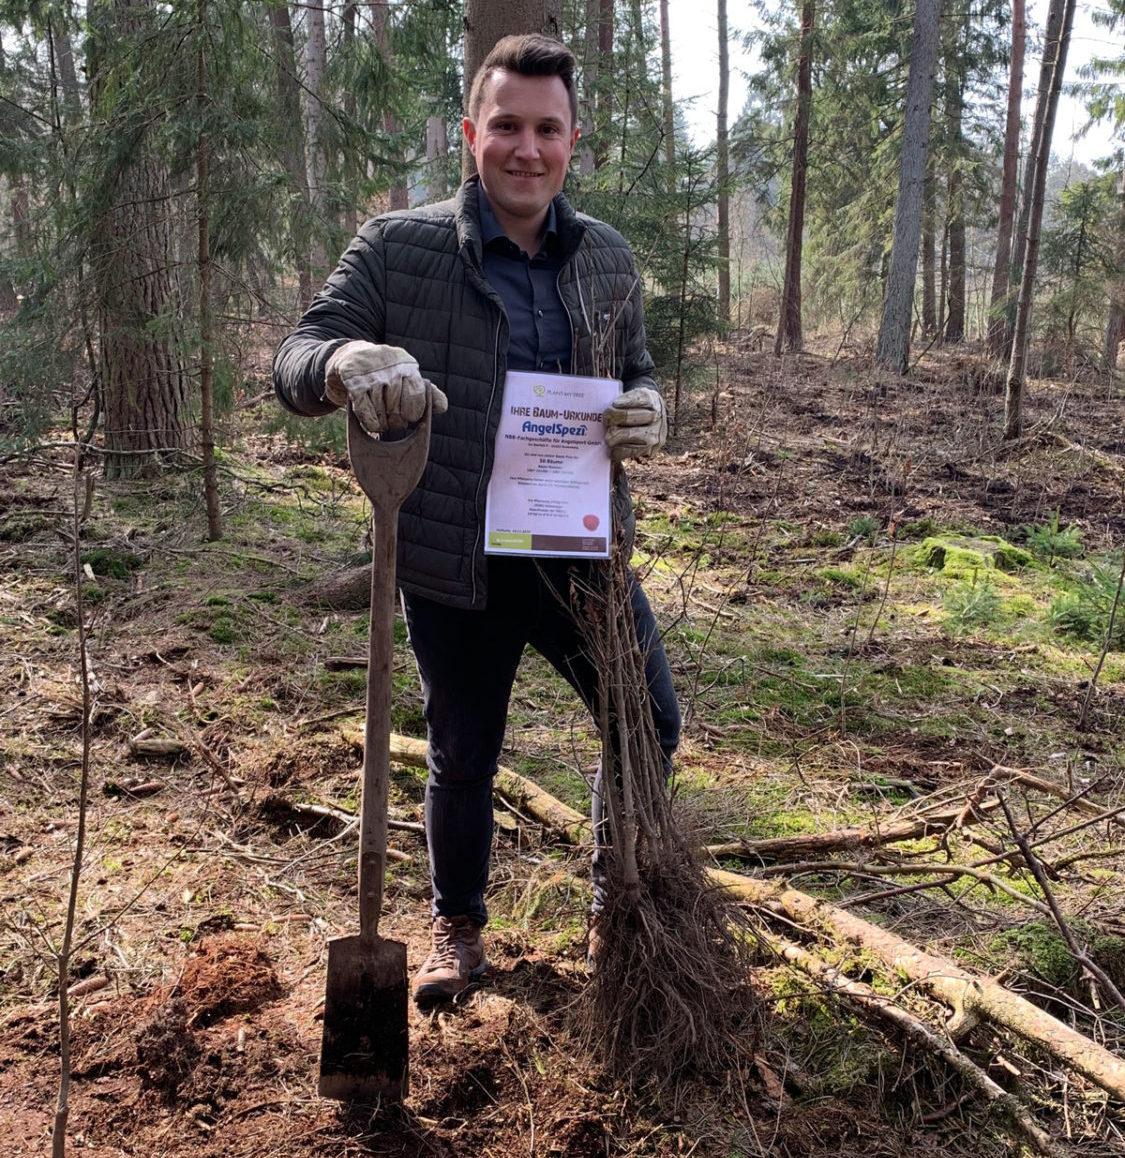 Für jeden AngelSpezi-Partner pflanzte Sebastian Steep im März 2021 einen Baum in Hohenaspe. Die Aktion soll für jeden neuen Partner fortgesetzt werden. Foto: NBB